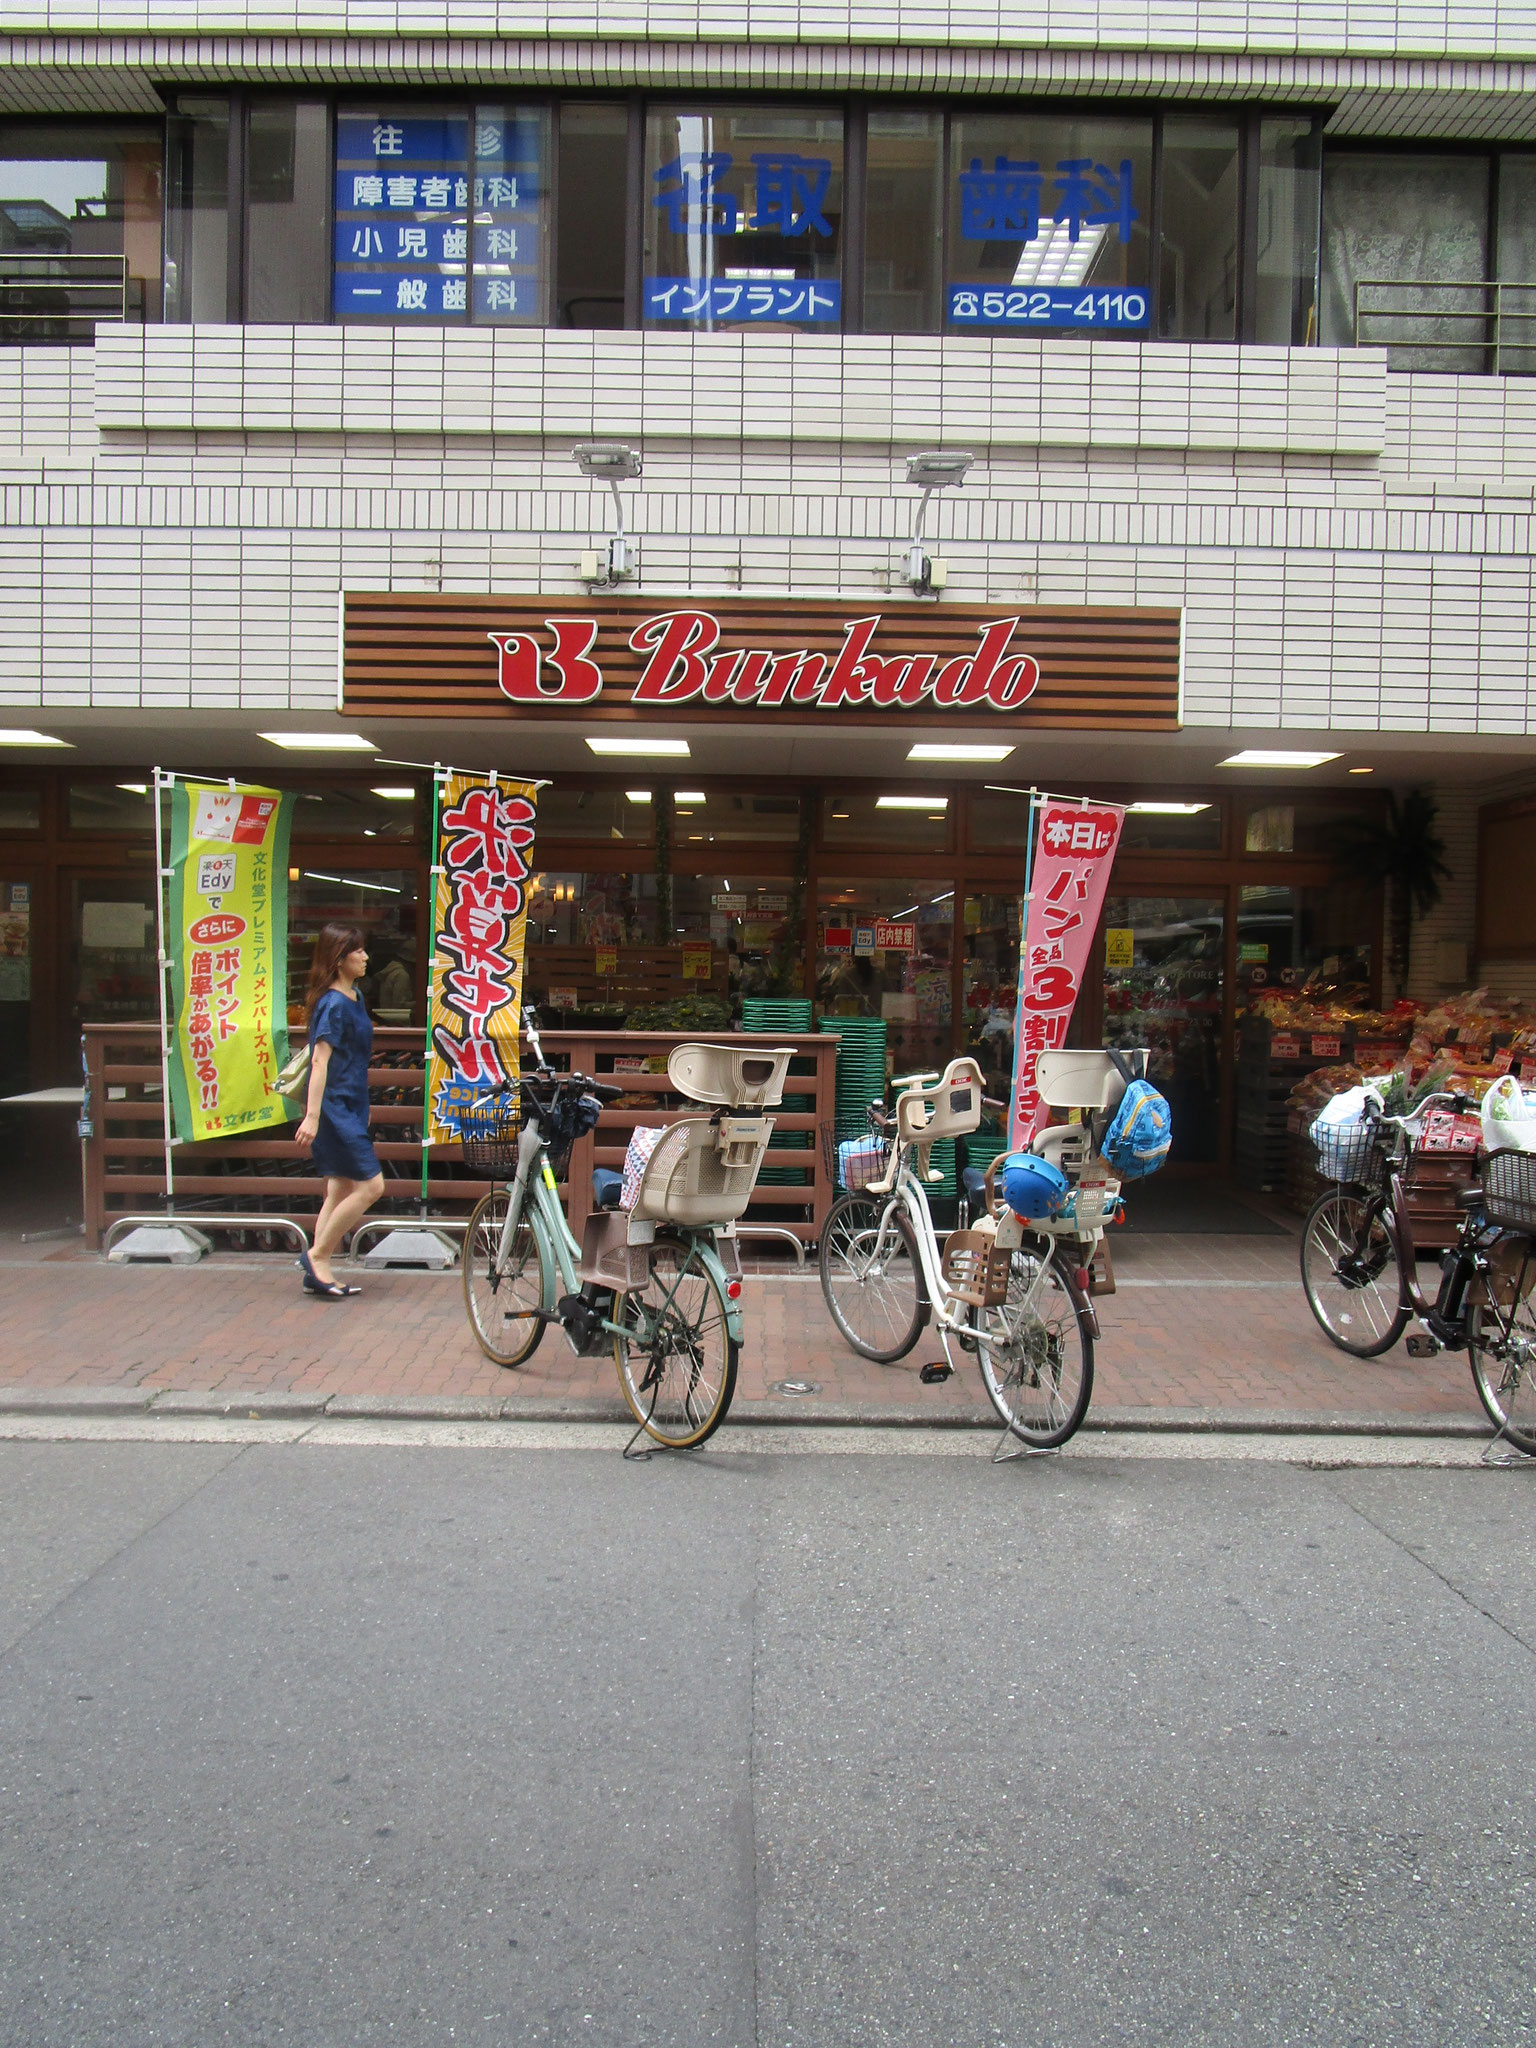 朝10時から夜23時迄営業しているスーパーマーケット